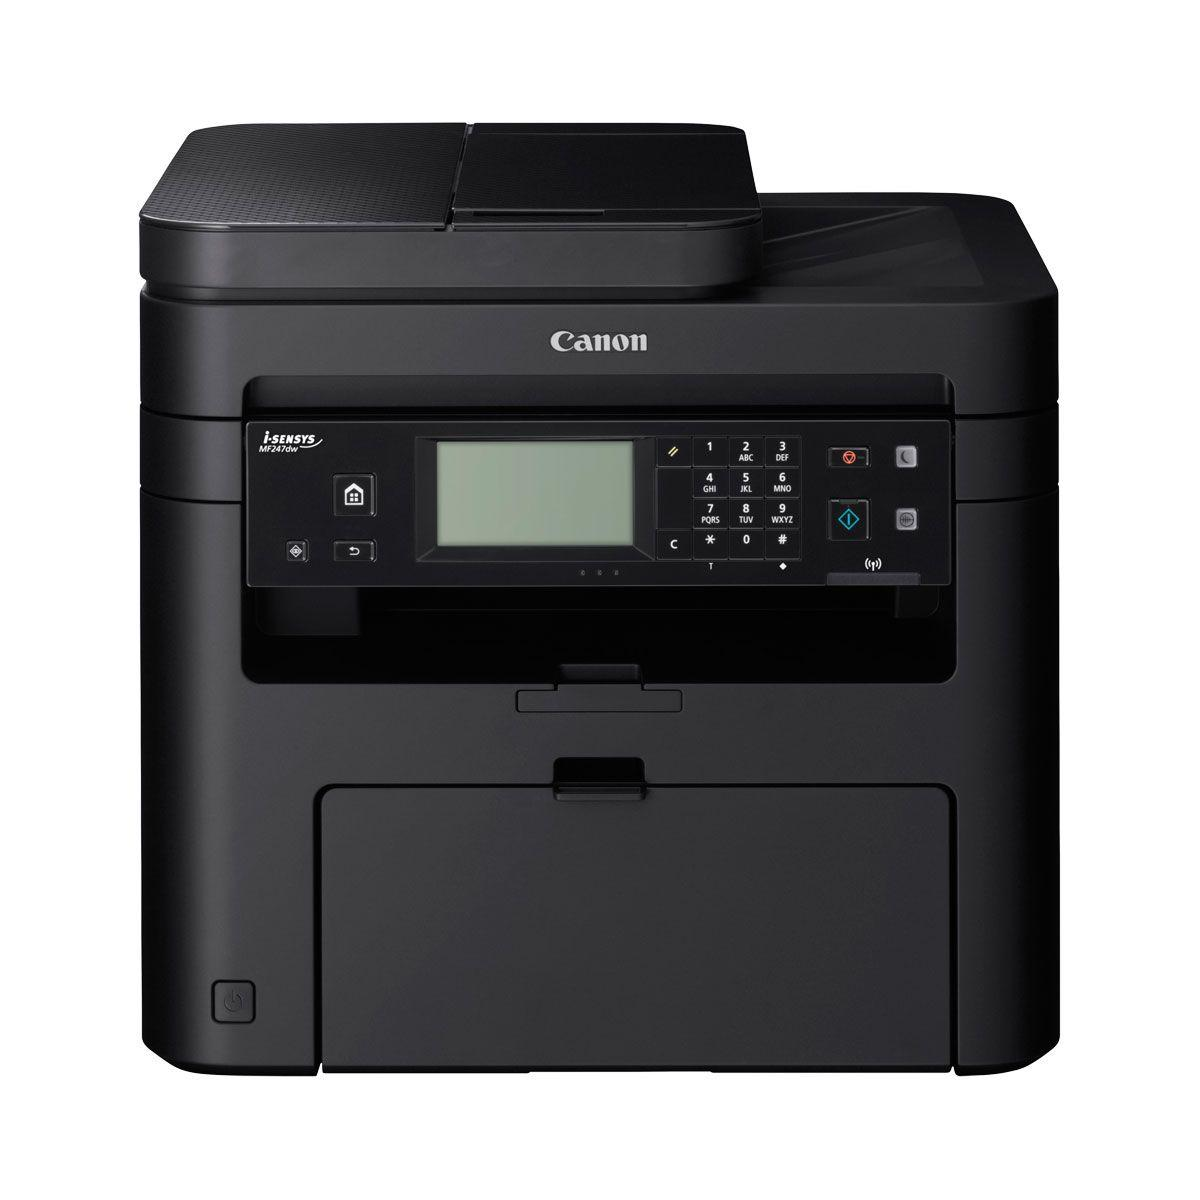 Imprimante canon i-sensys mf247dw - 15% de remise imm�diate avec le code : wd15 (photo)